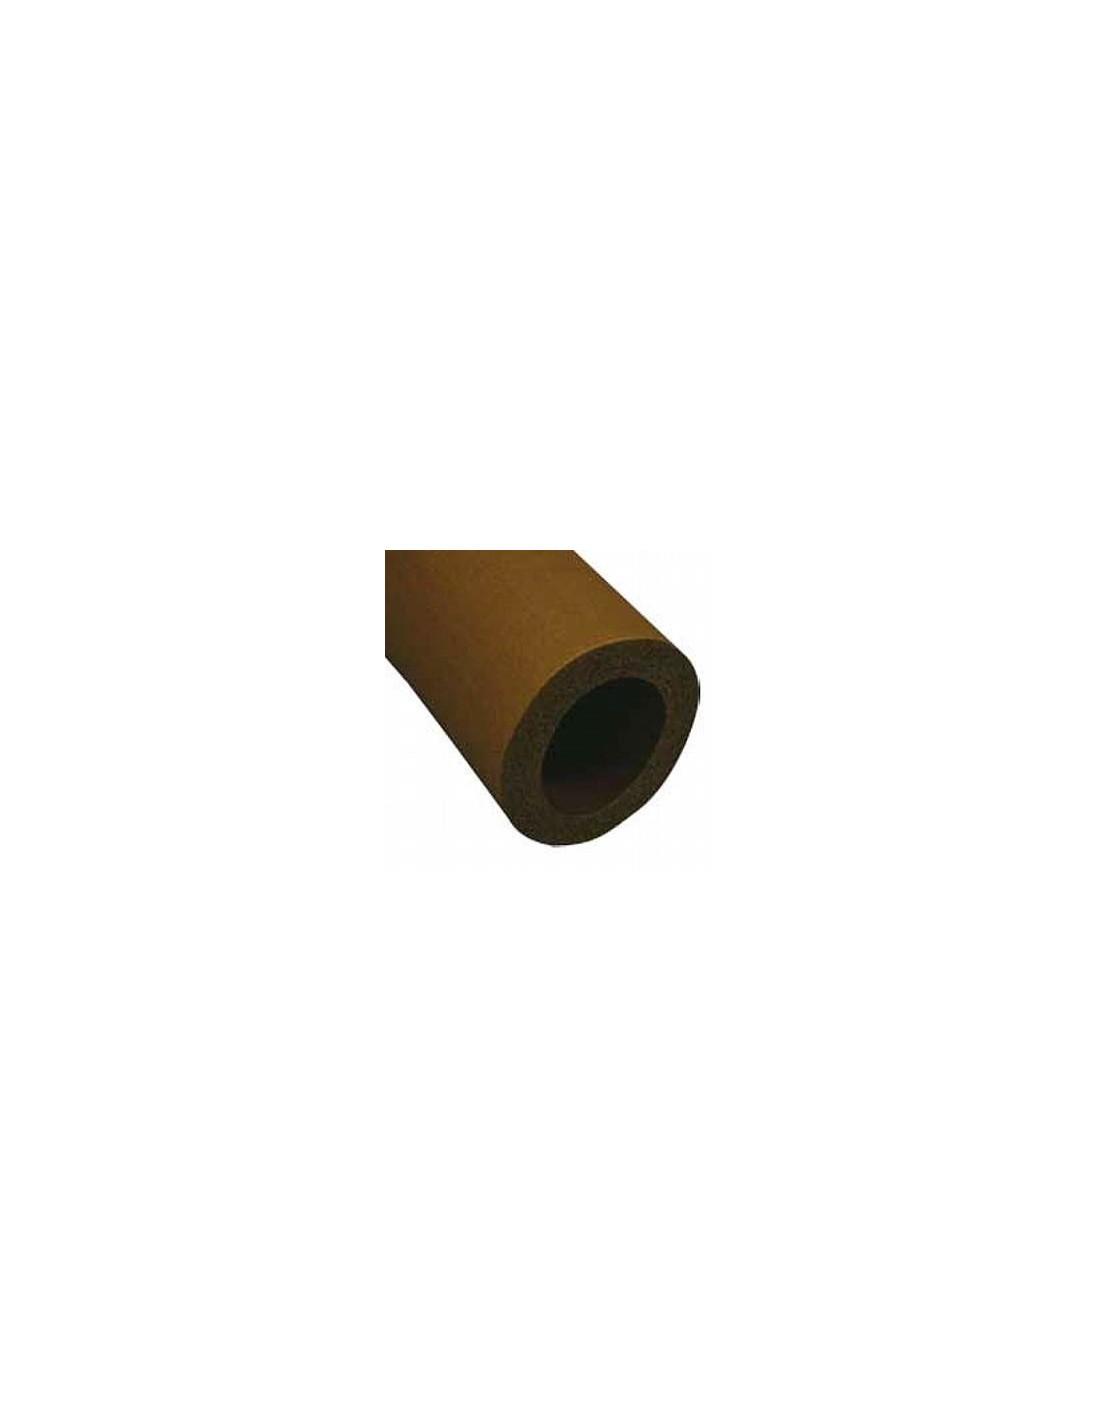 UPP00087 - Rörisolering 22x35mm